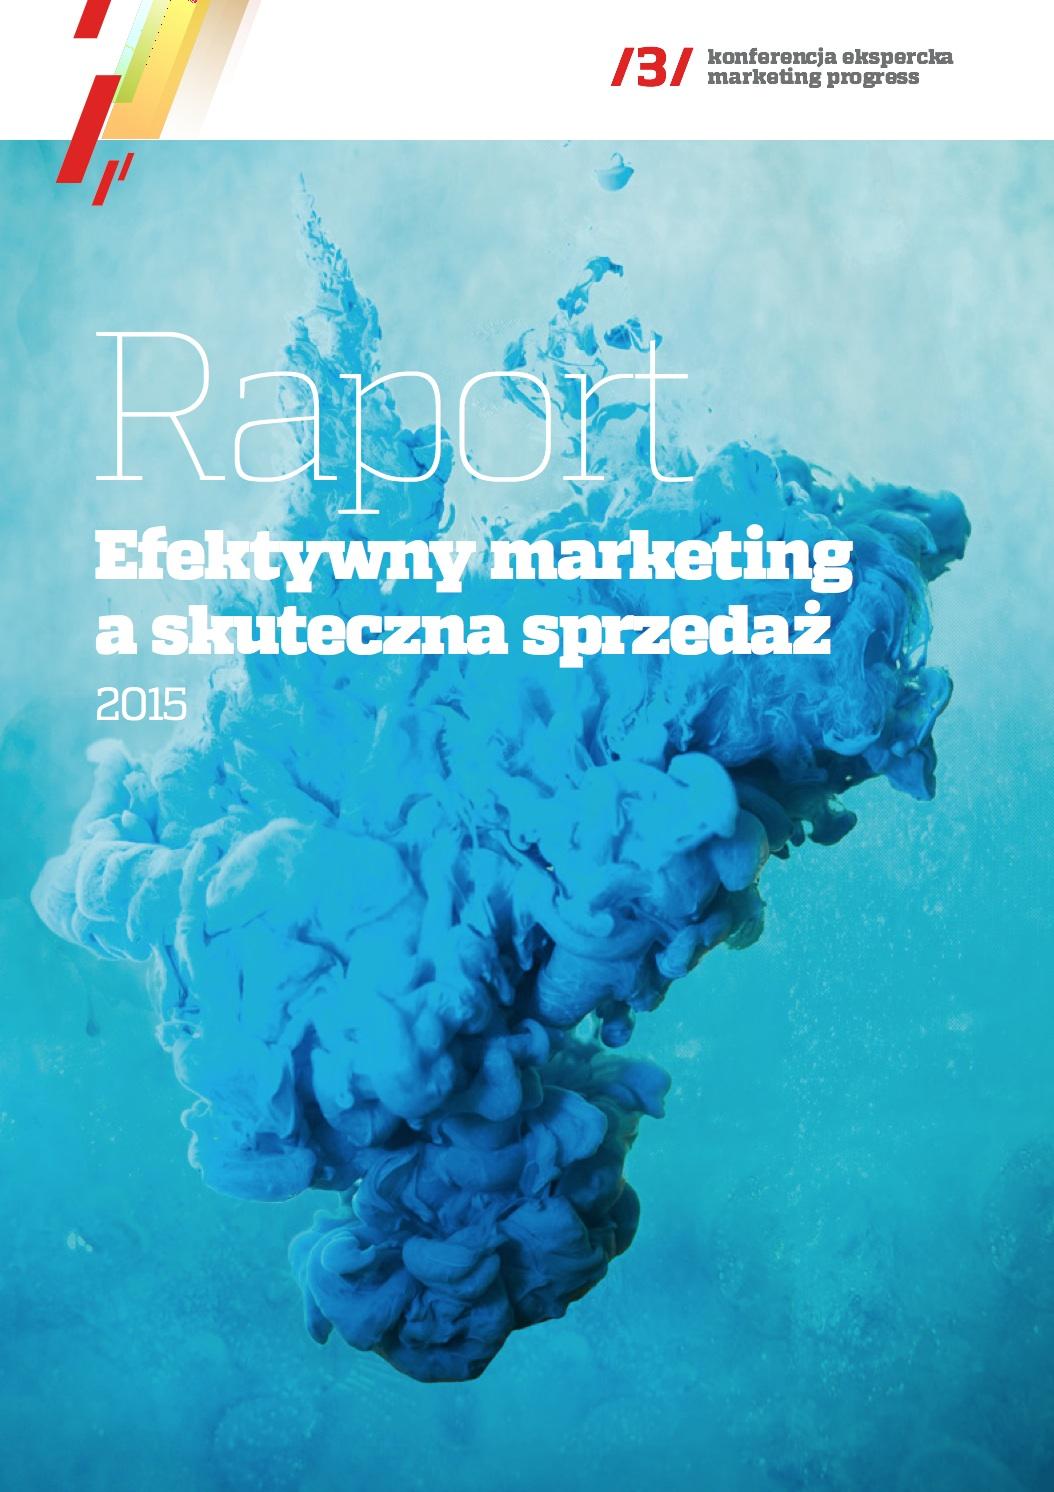 Raport-efektywny-marketing-a-skuteczna-sprzedaz-2015